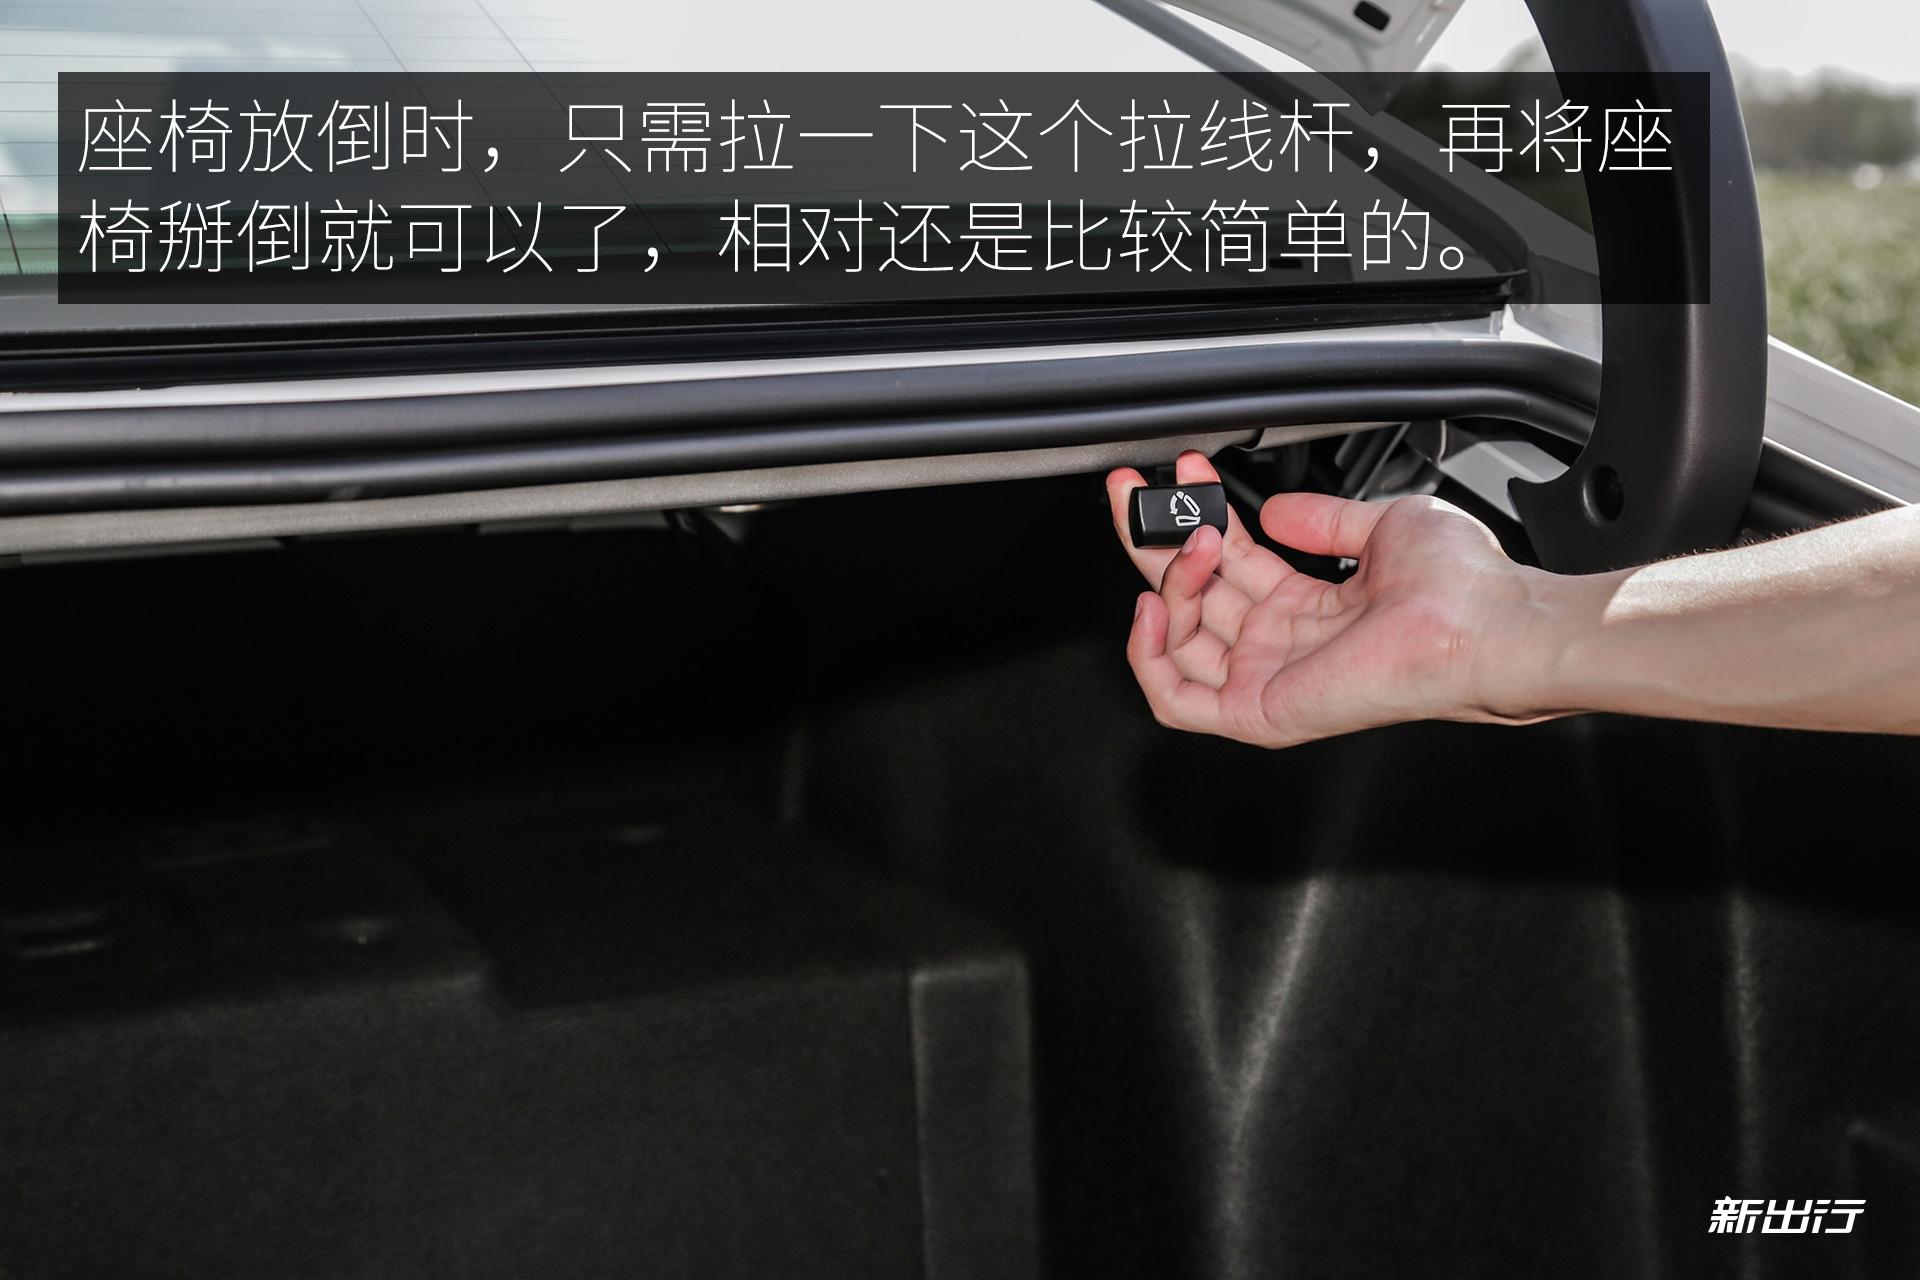 与迈锐宝xl混动版一样,君越混动版也同样没有配备备胎,打开行李箱